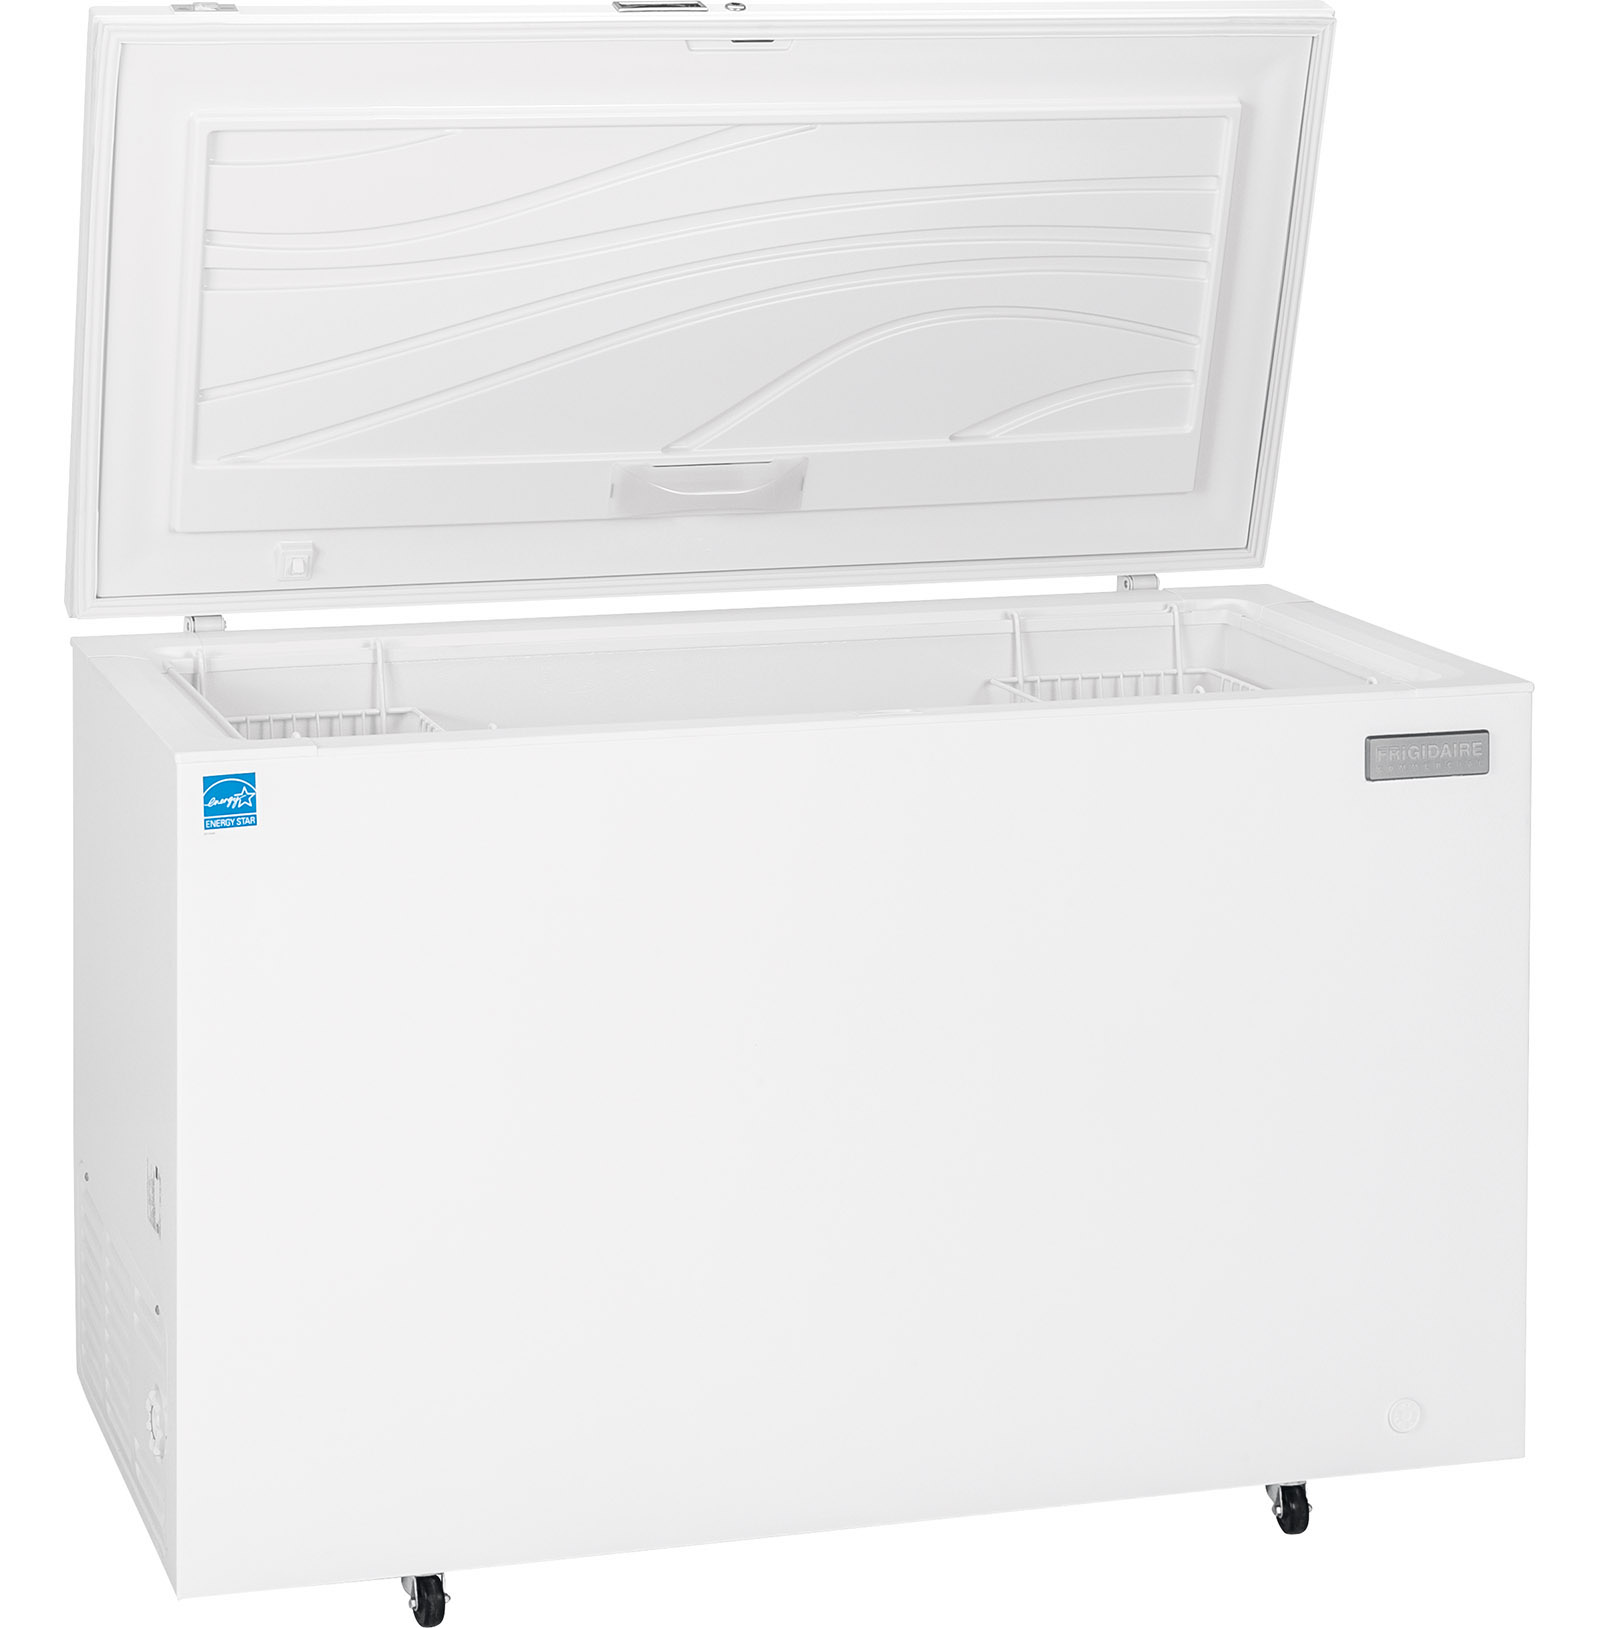 Frigidaire 15.6 cu. ft. Chest Freezer - White FCCS161QW